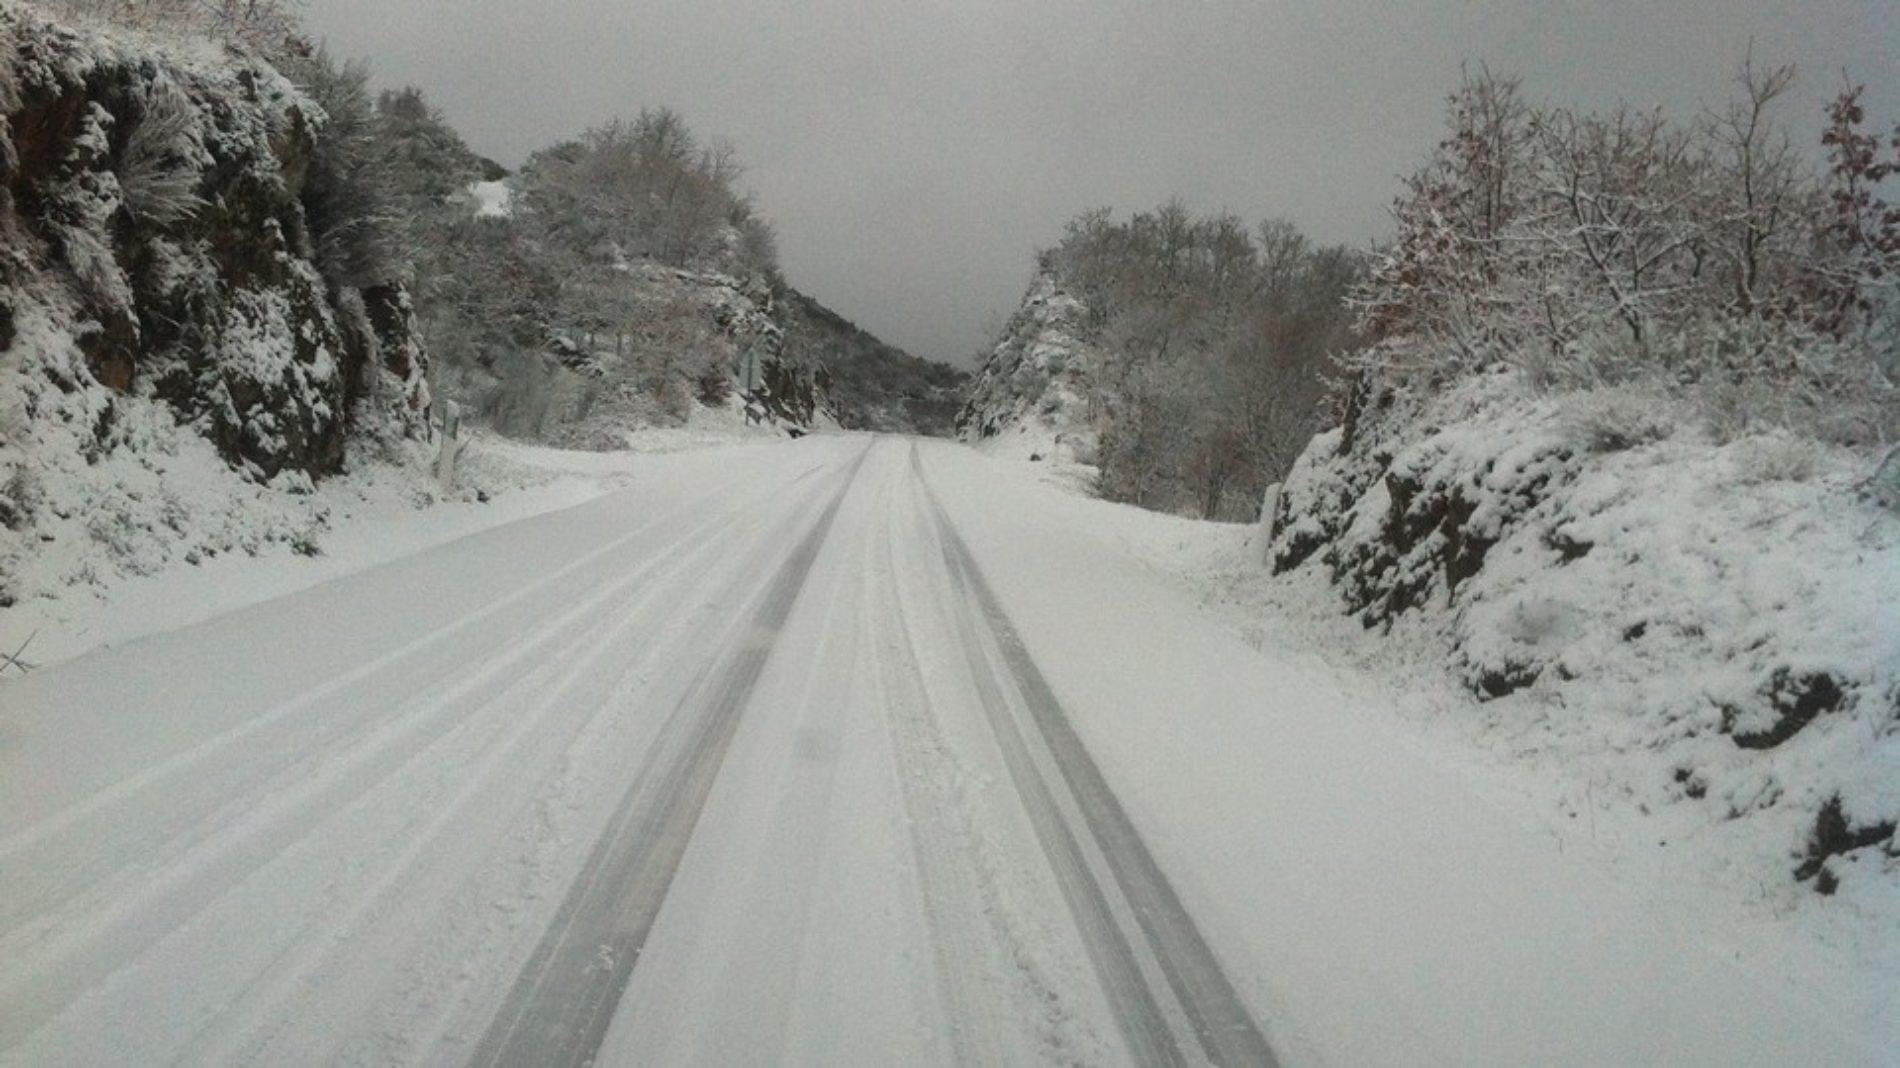 Queda de neve obrigou ao corte de duas estradas no distrito de Viseu